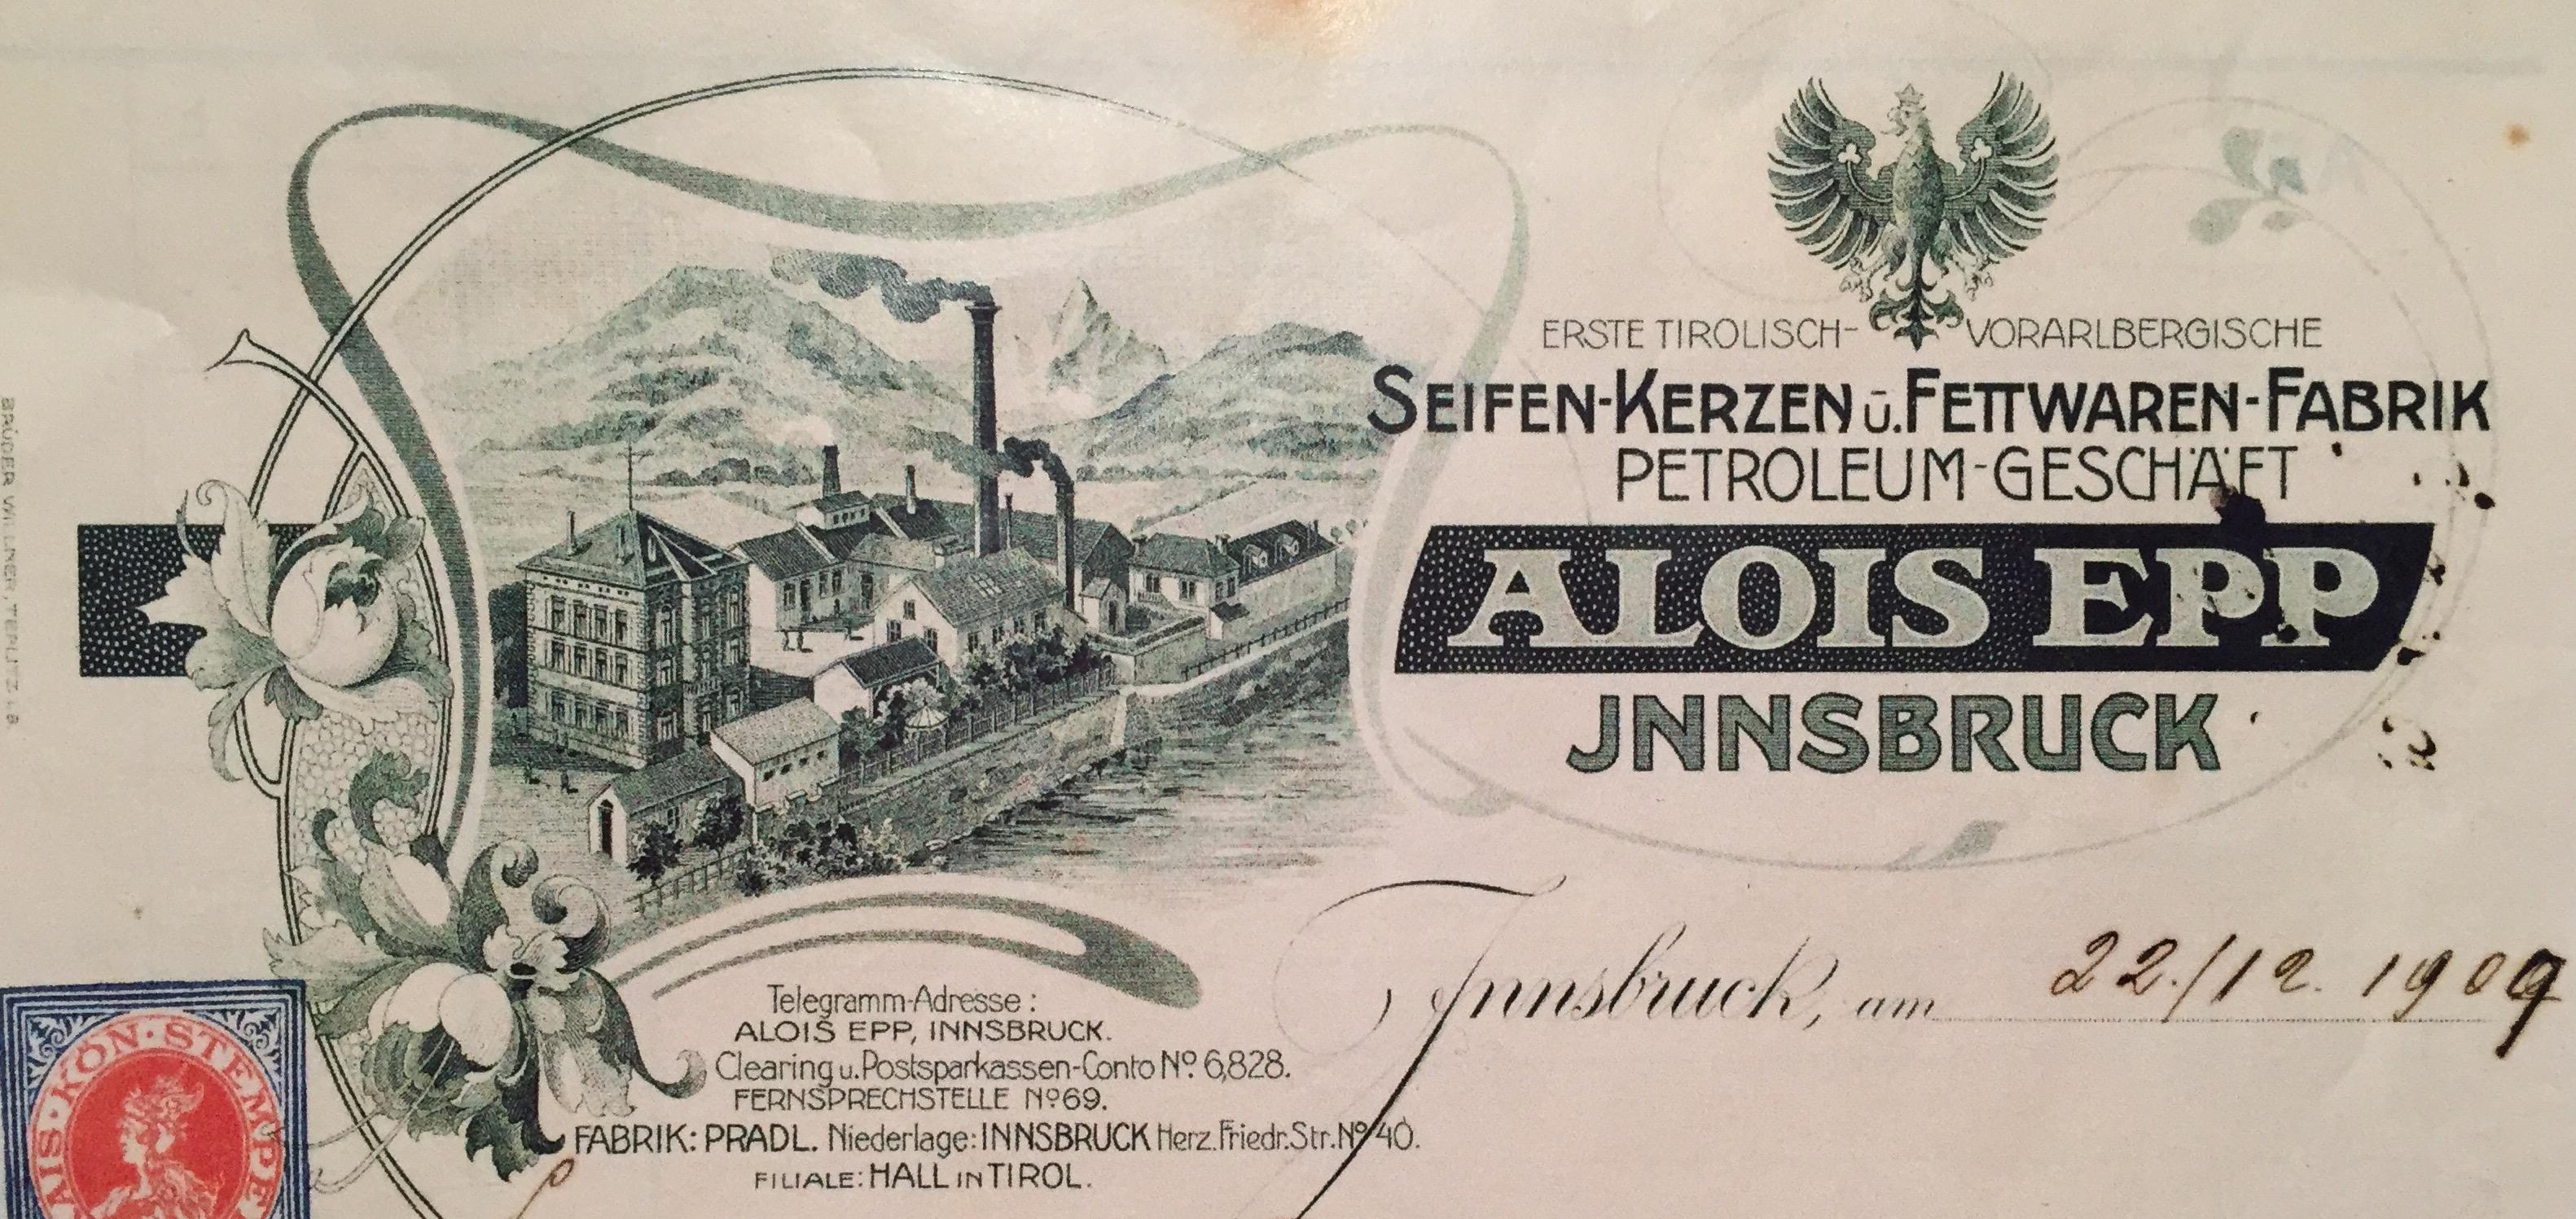 Seifenfabrik Alois Epp